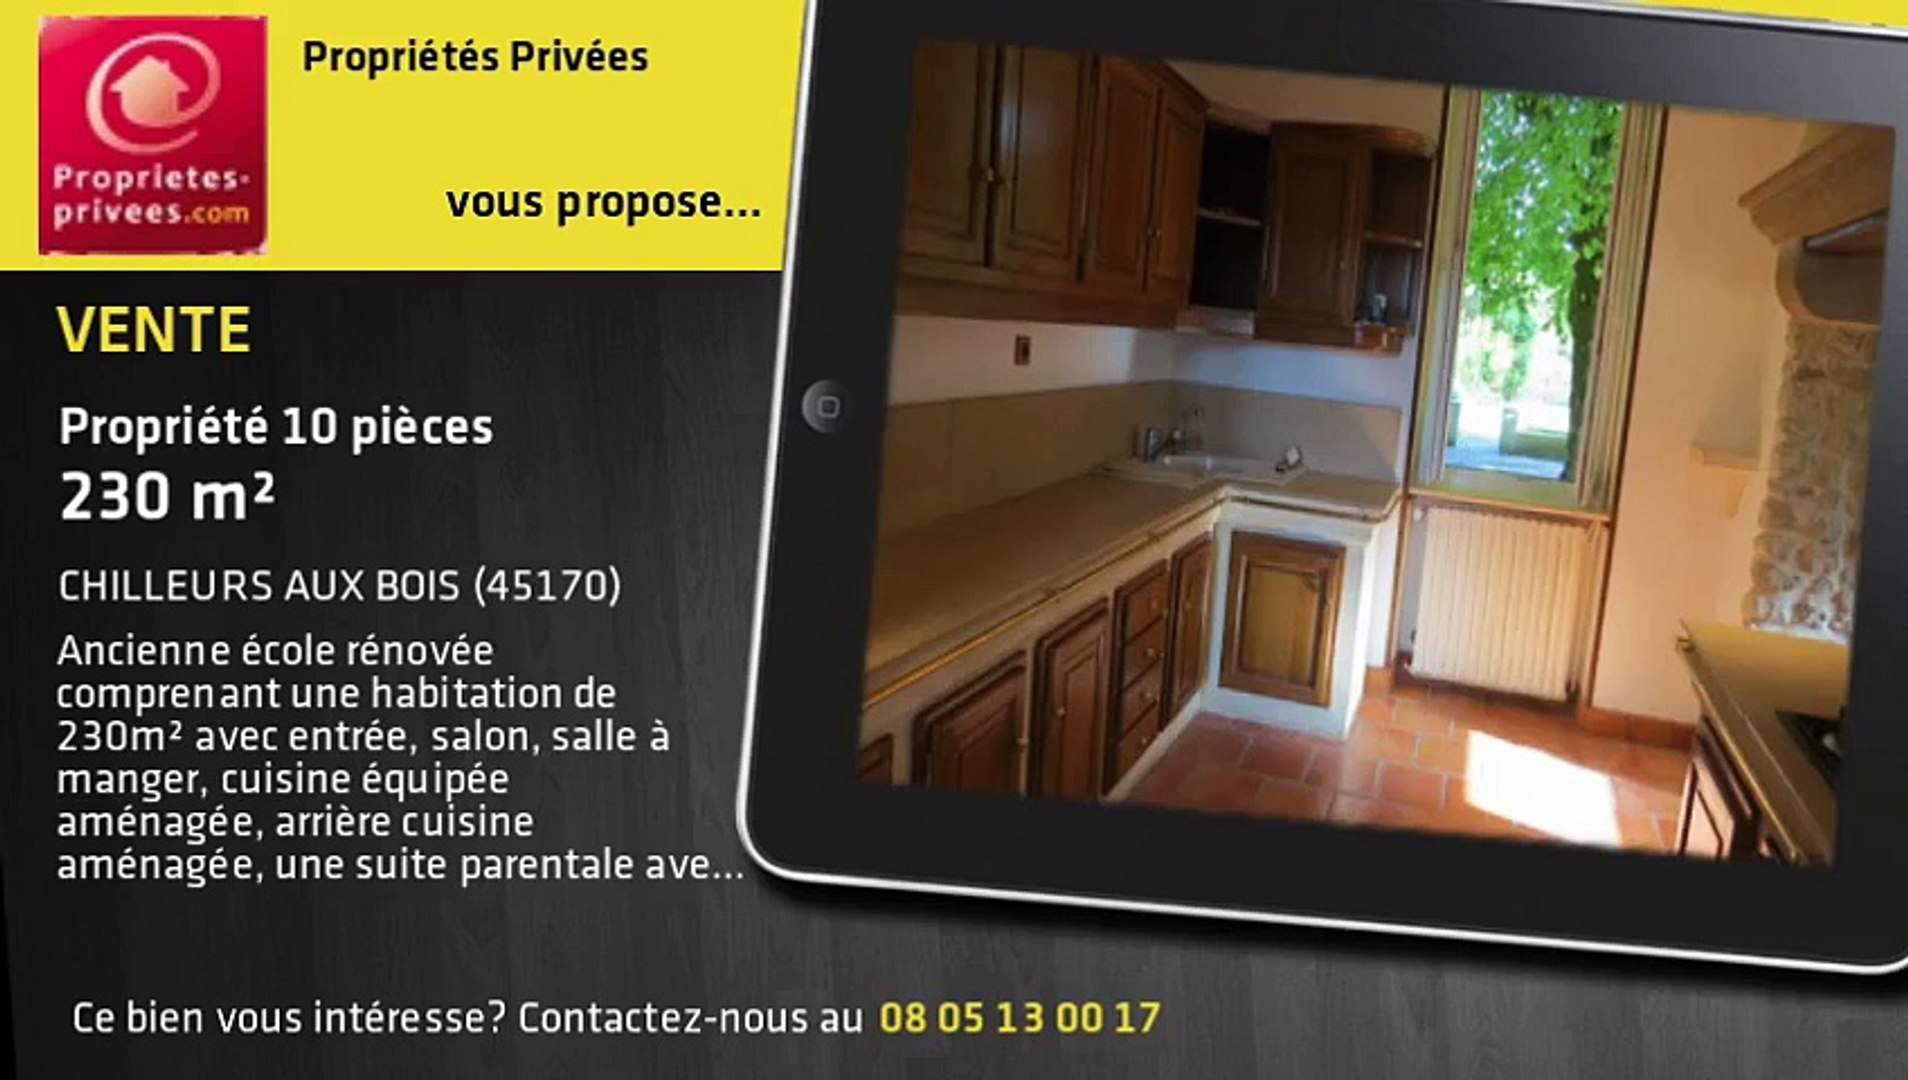 Cuisine Integree Dans Salon a vendre - propriété - chilleurs aux bois (45170) - 10 pièces - 230m²